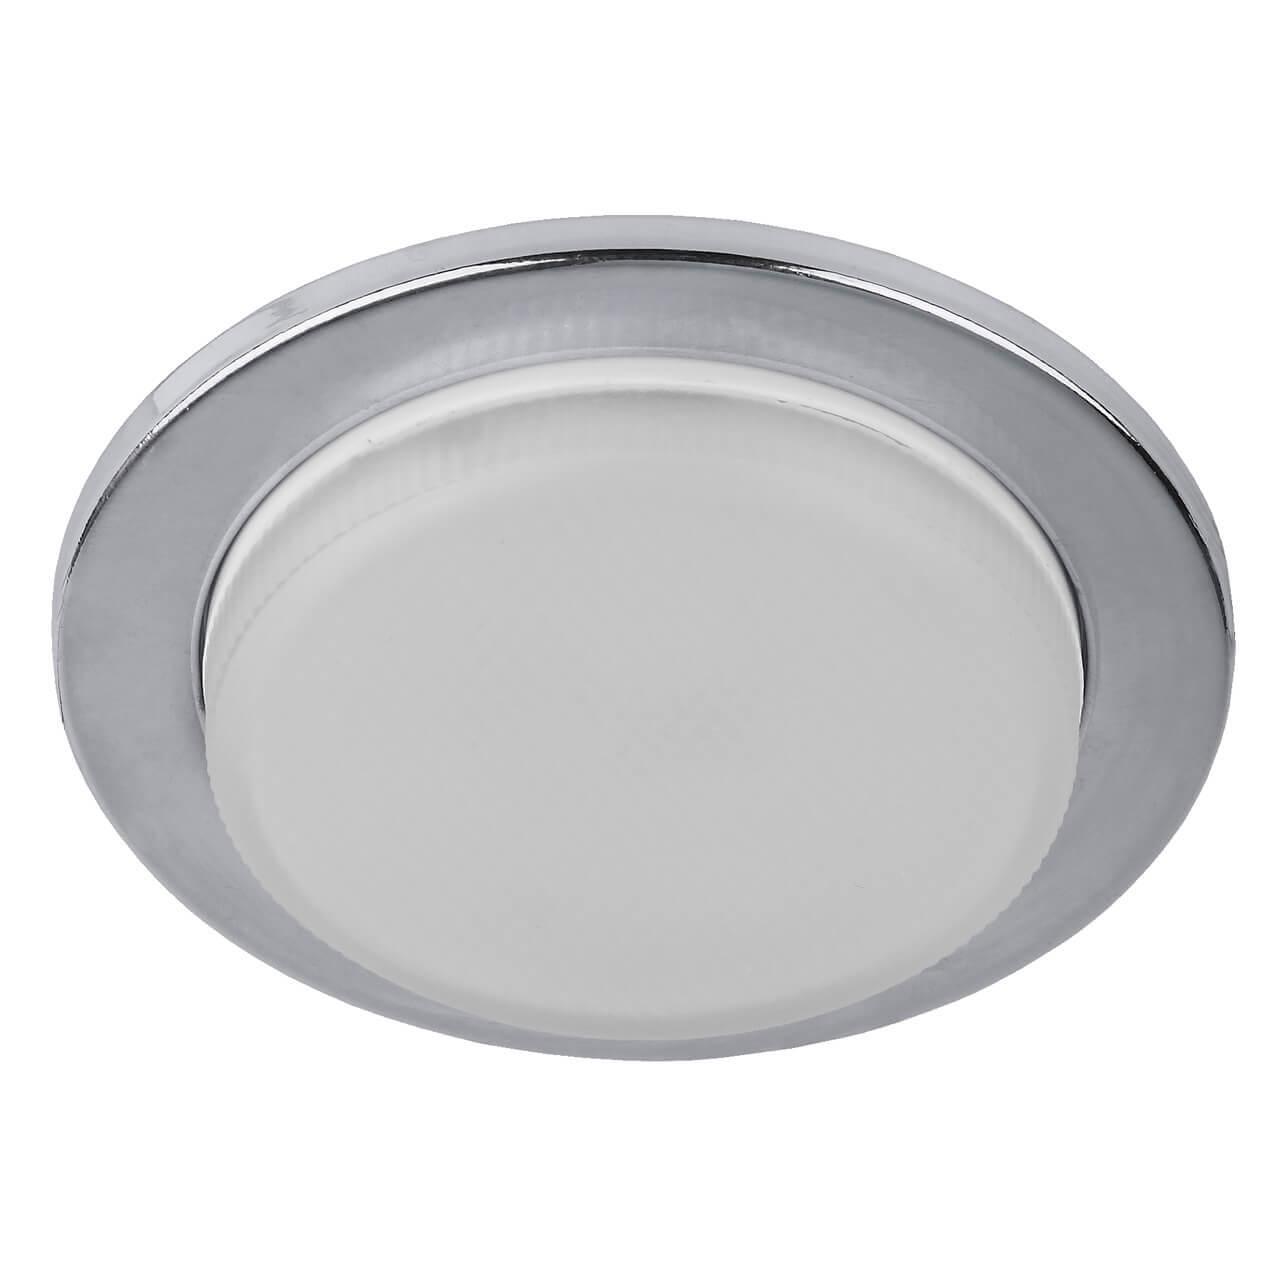 Встраиваемый светильник ЭРА GX53 KL70 СН цены